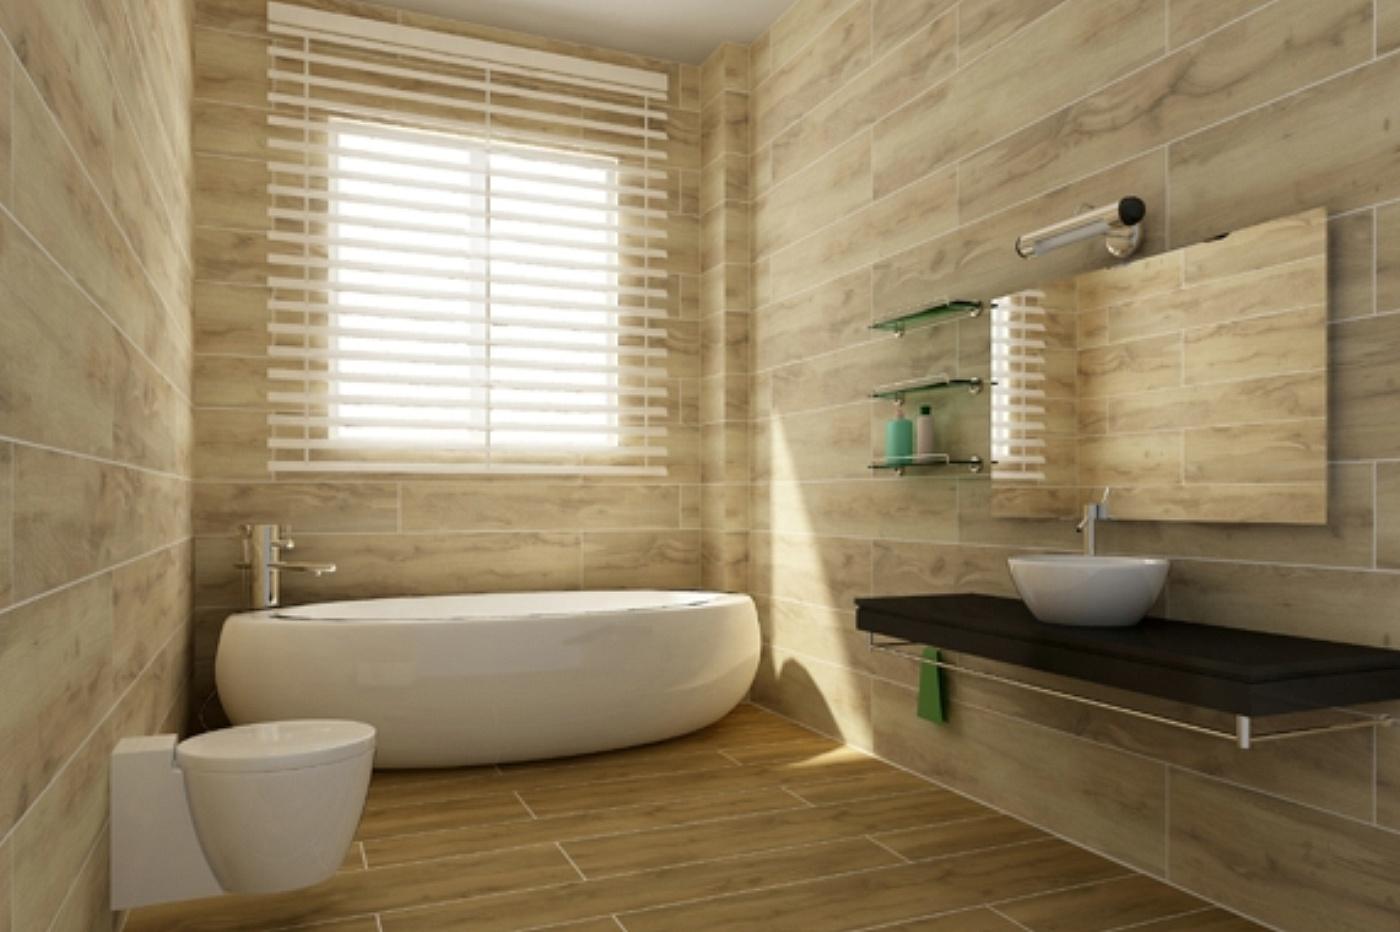 Piastrelle finto legno infissi del bagno in bagno - Bagno finto legno ...